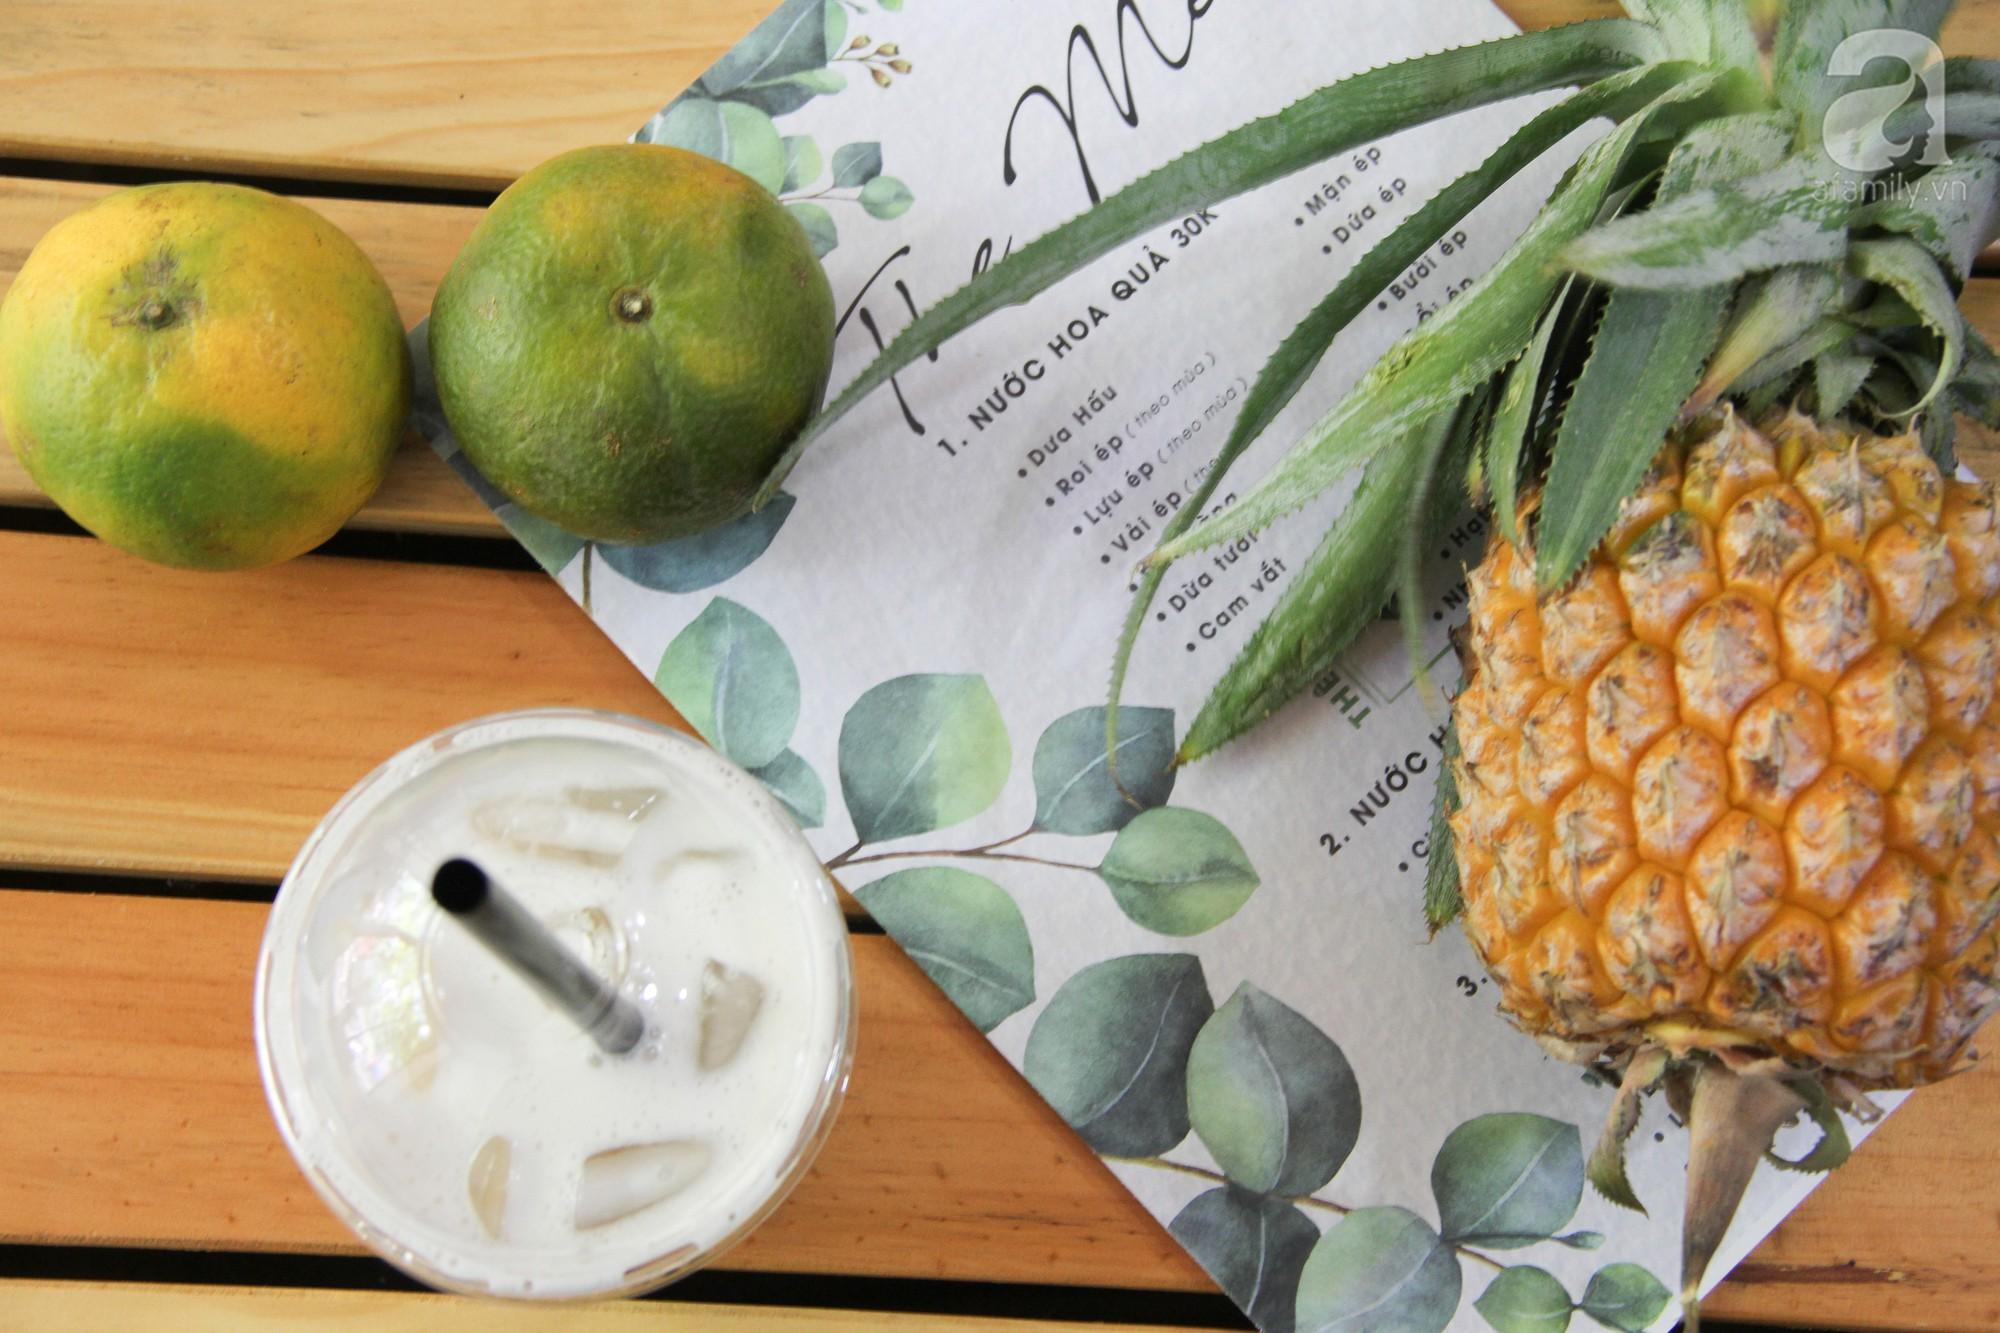 5 quán nước ép trái cây nguyên chất ngon, có dịch vụ giao hàng tận nơi cho những ngày Hà Nội nóng như đổ lửa  - Ảnh 10.